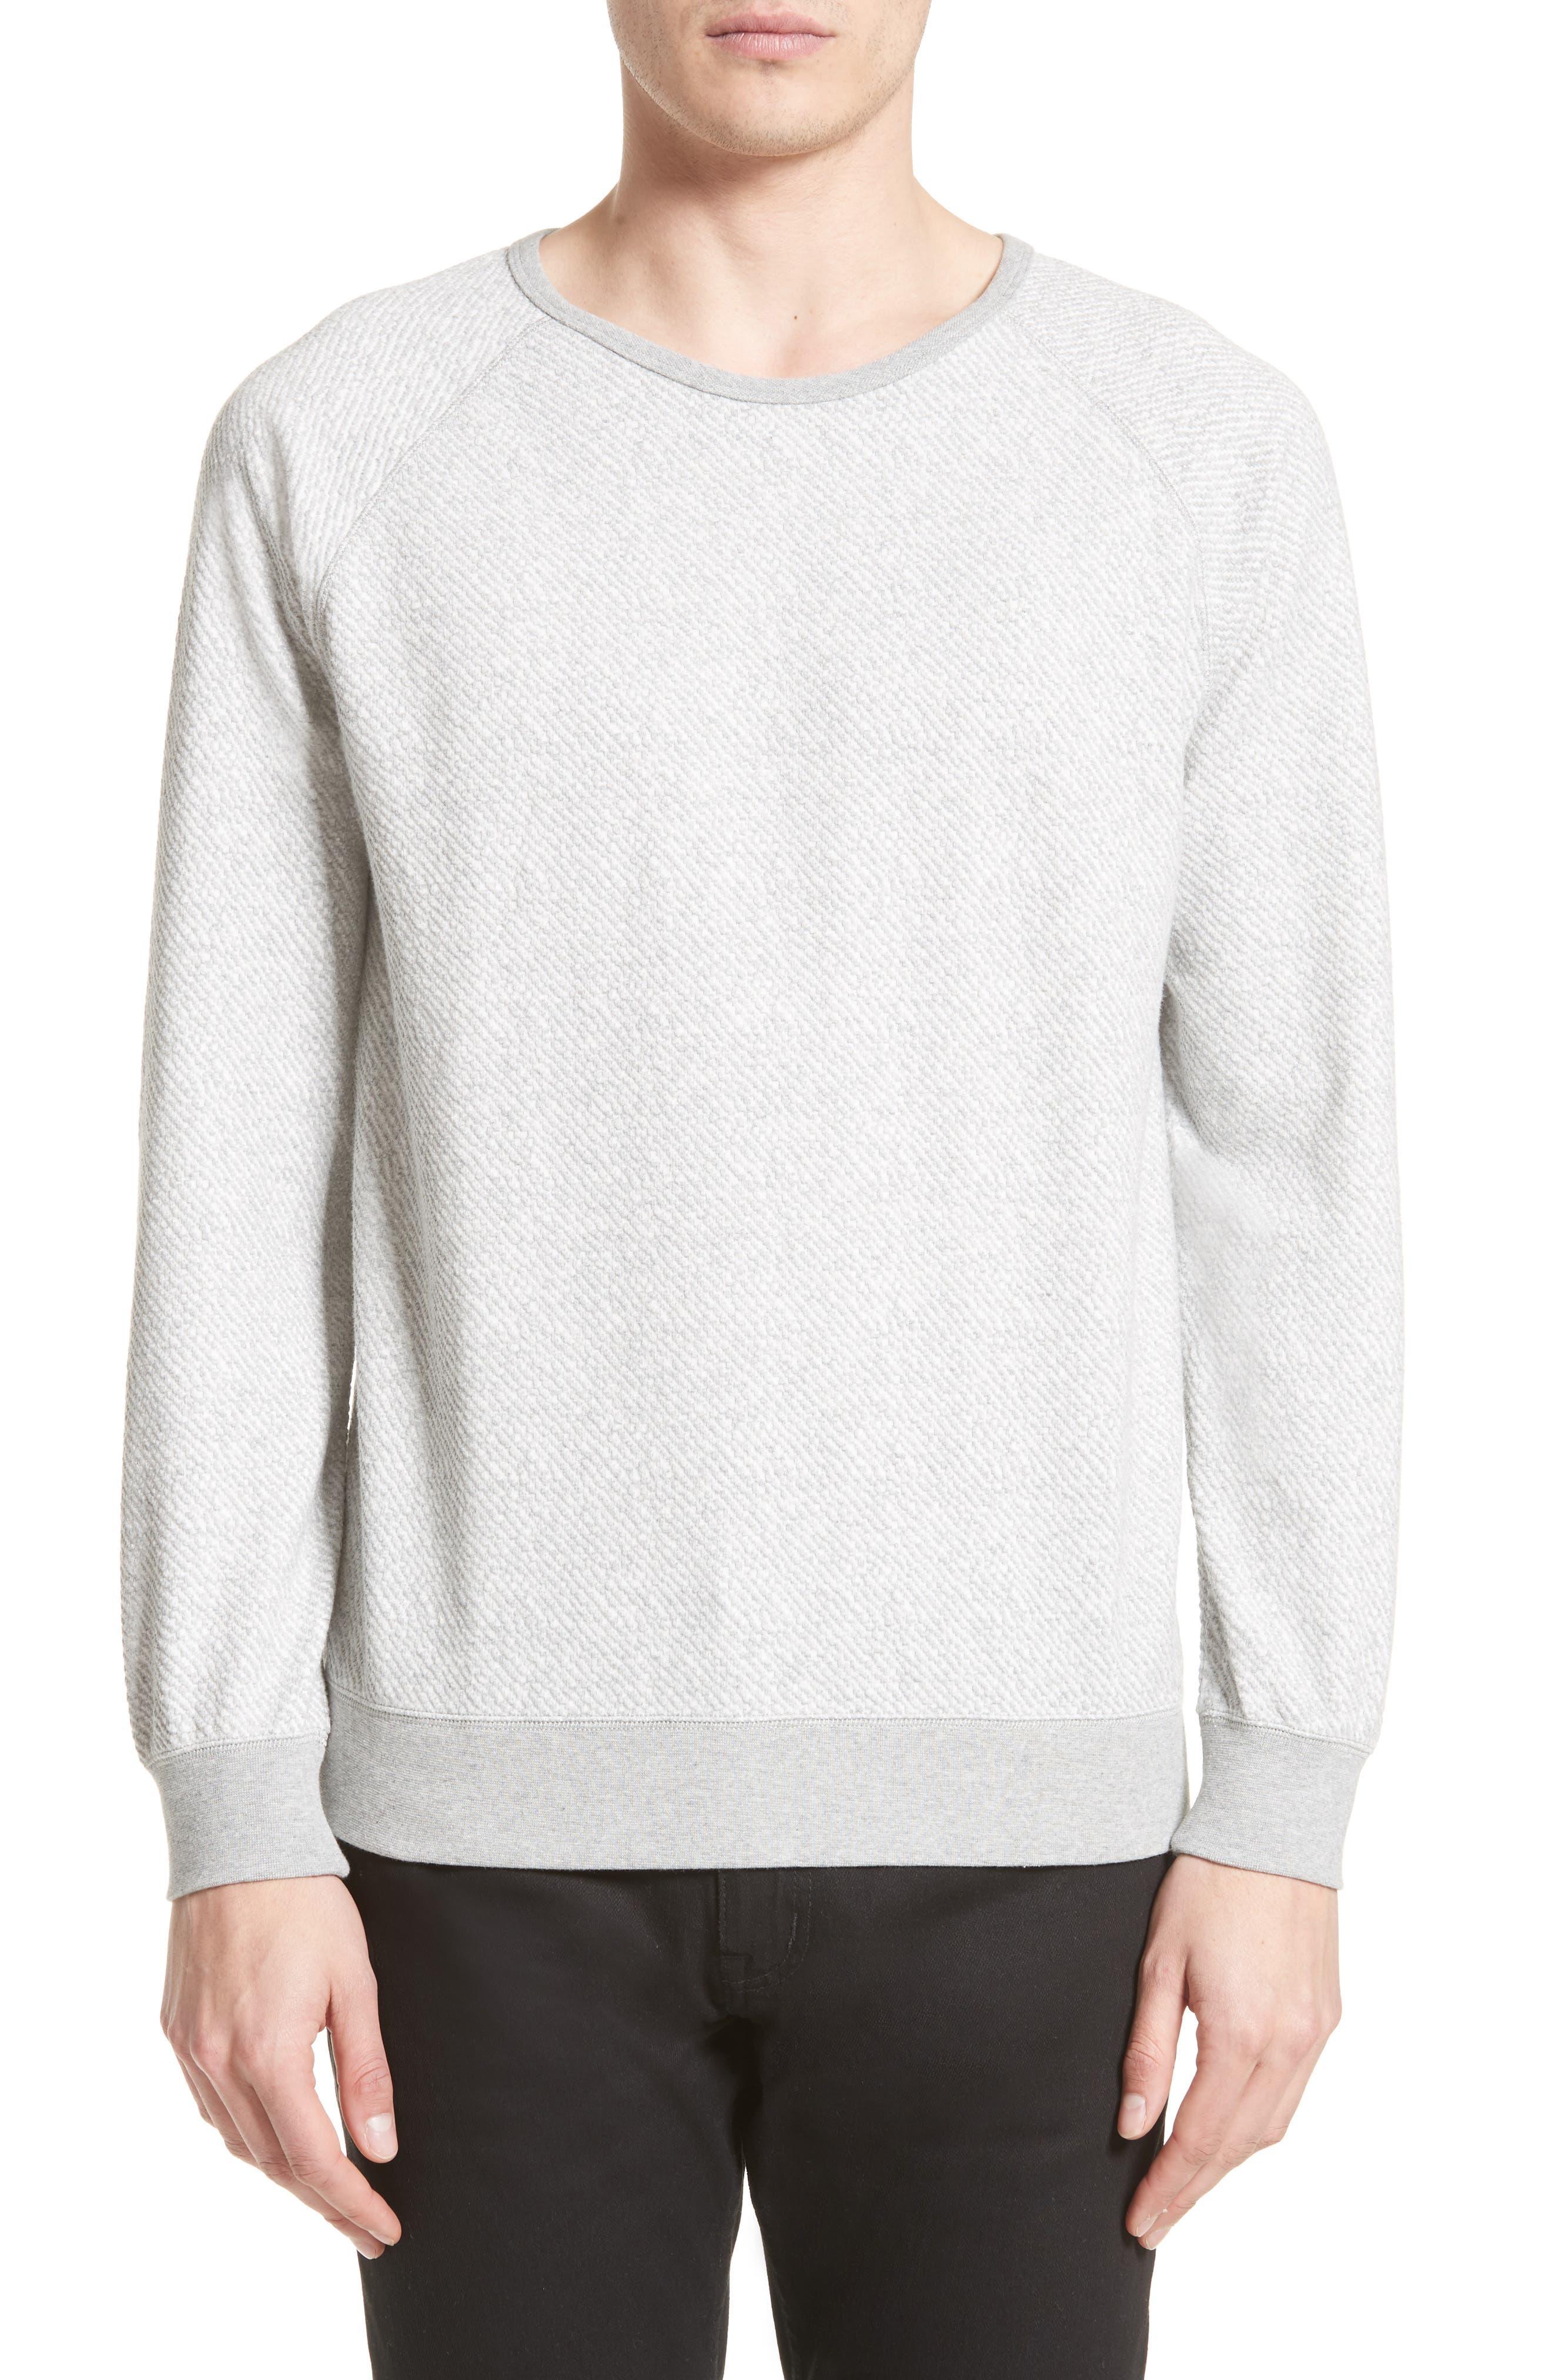 Kasu Sweater,                         Main,                         color, 035